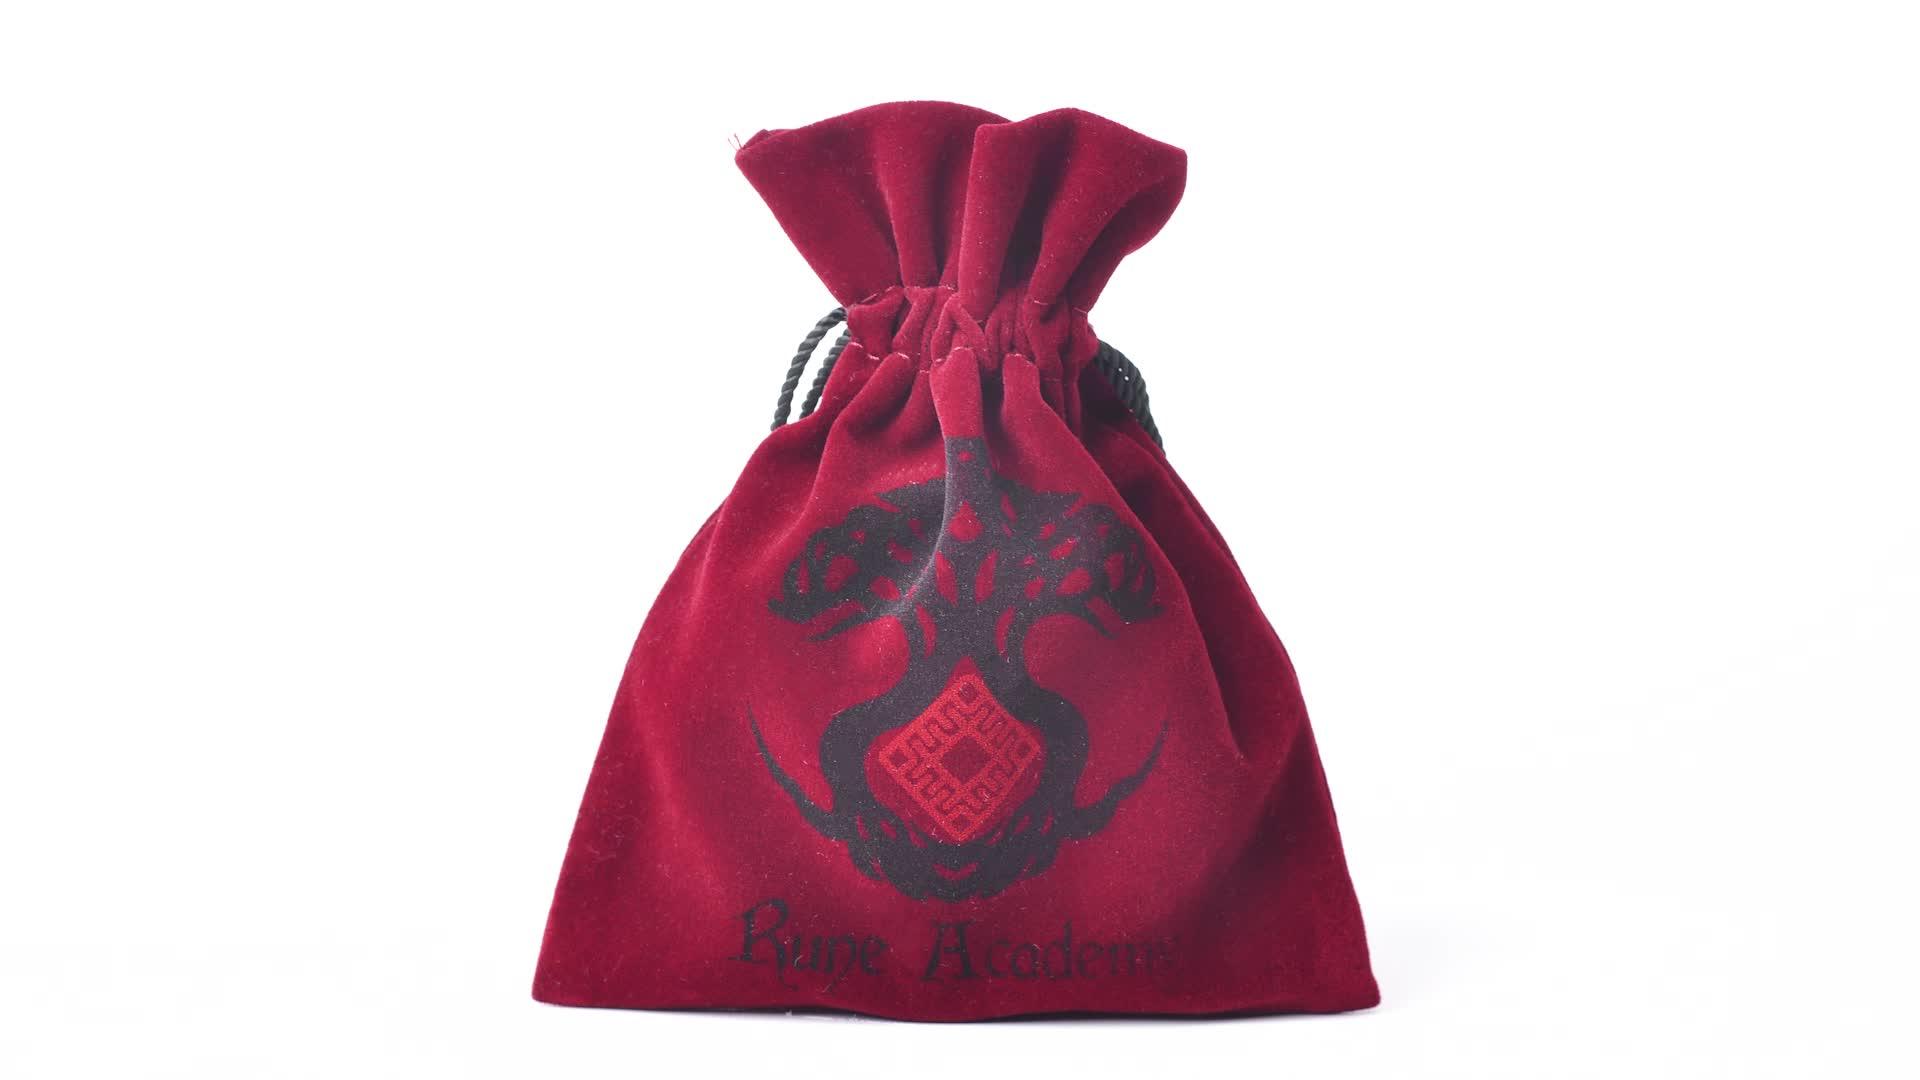 Venta al por mayor de alta calidad de 20*30cm de botella de vino rojo de terciopelo bolsa con borlas de gamuza pulseras reloj de bolsa de polvo logotipo personalizado